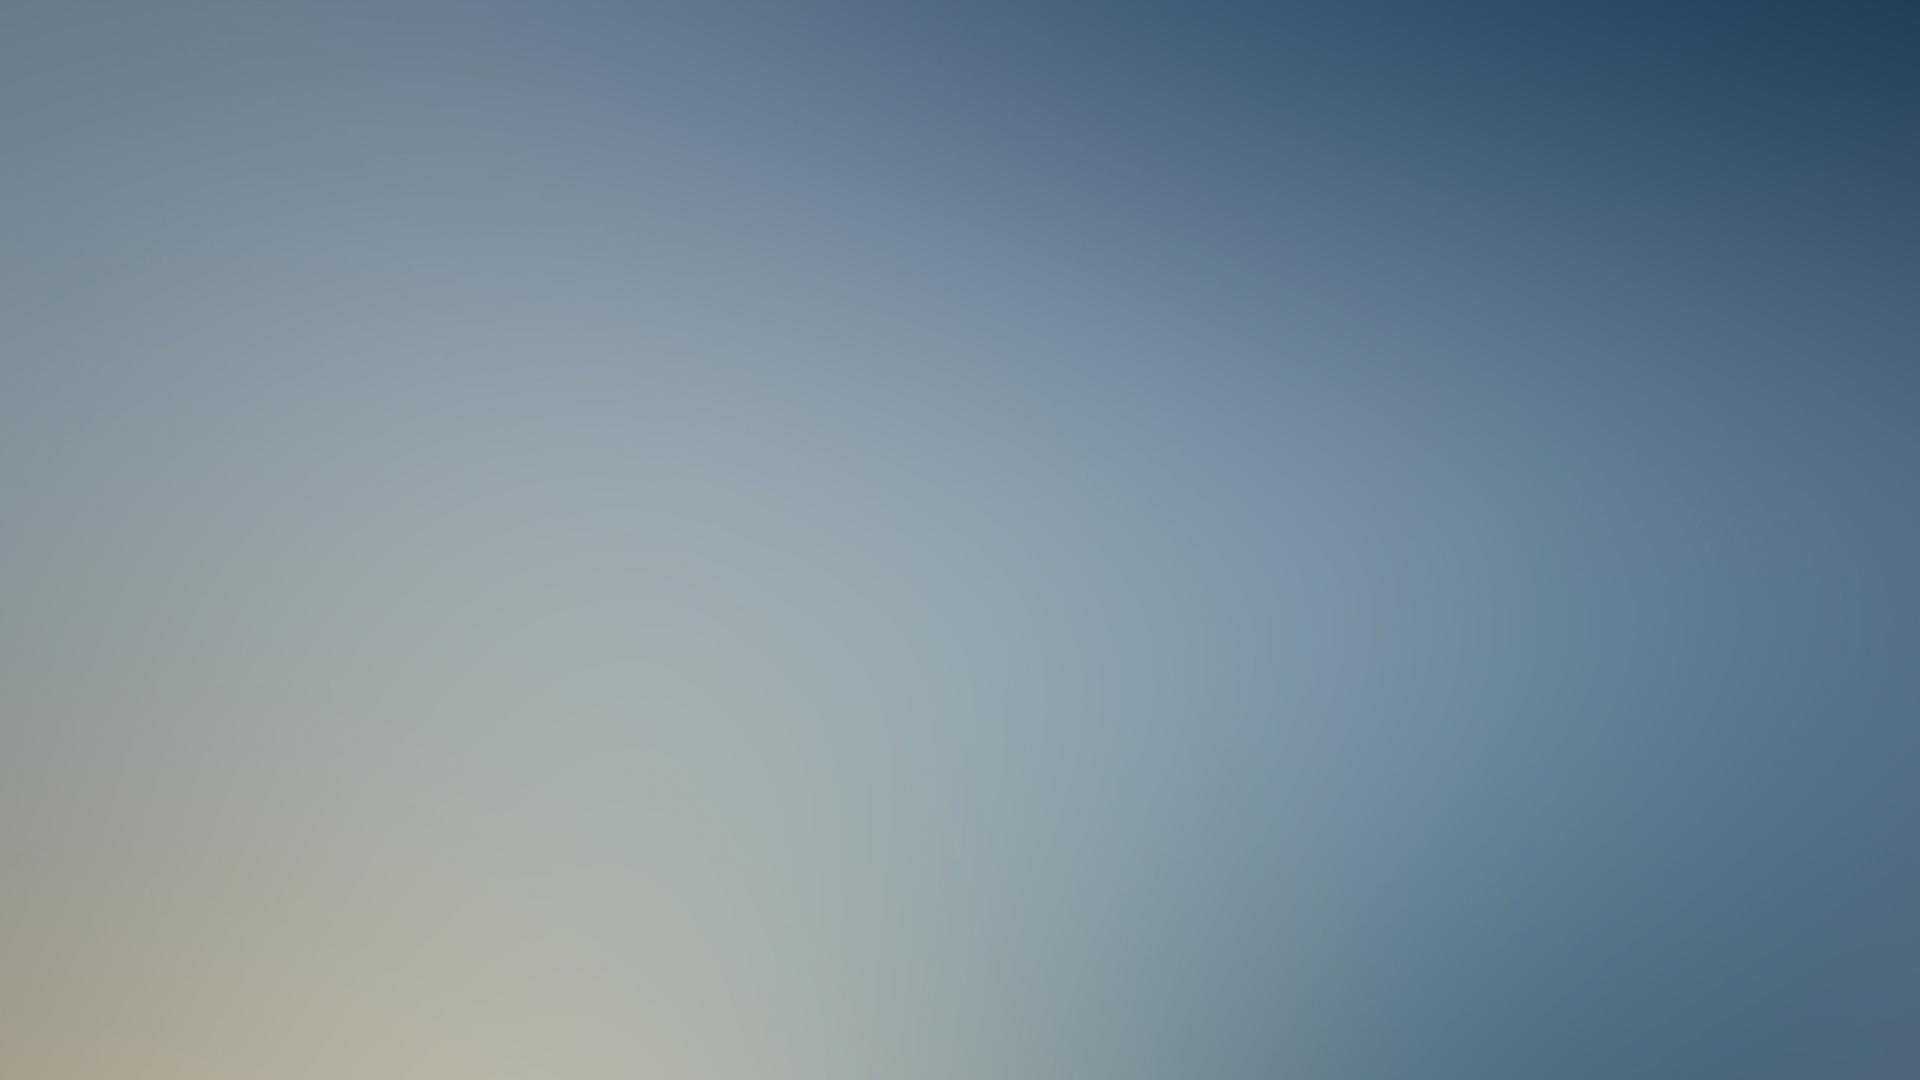 Blue minimalistic yellow gradient blurred wallpaper